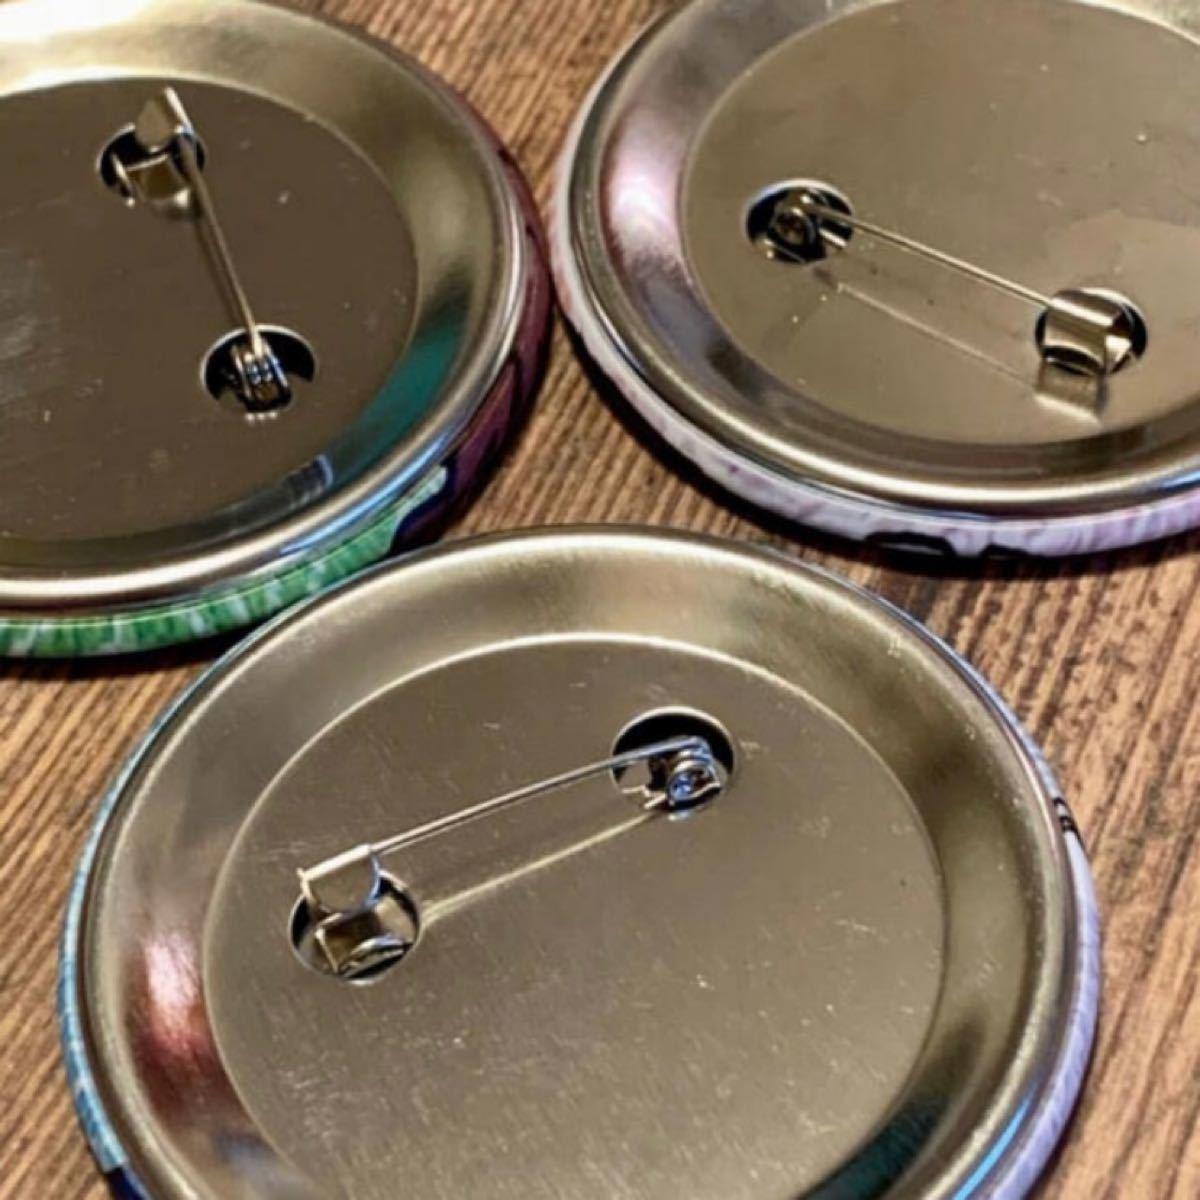 【煉獄杏寿郎/5点セット】鬼滅の刃 缶バッジ&アクリルキーホルダー 煉獄さん